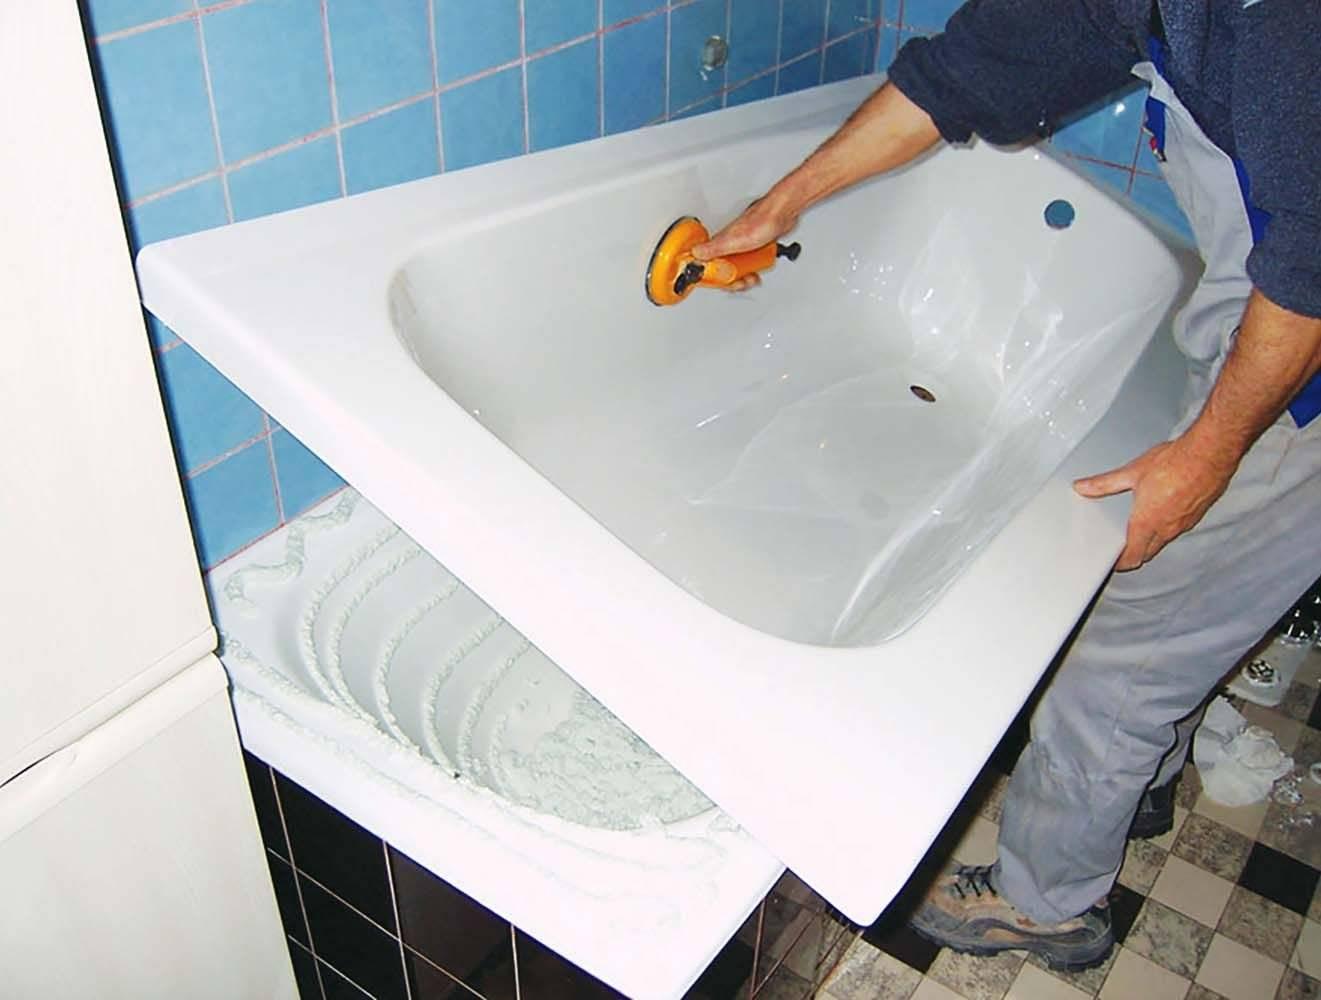 Реставрация ванной: чугунные, стальные, пластиковые модели и особенности их восстановления своими руками (95 фото)